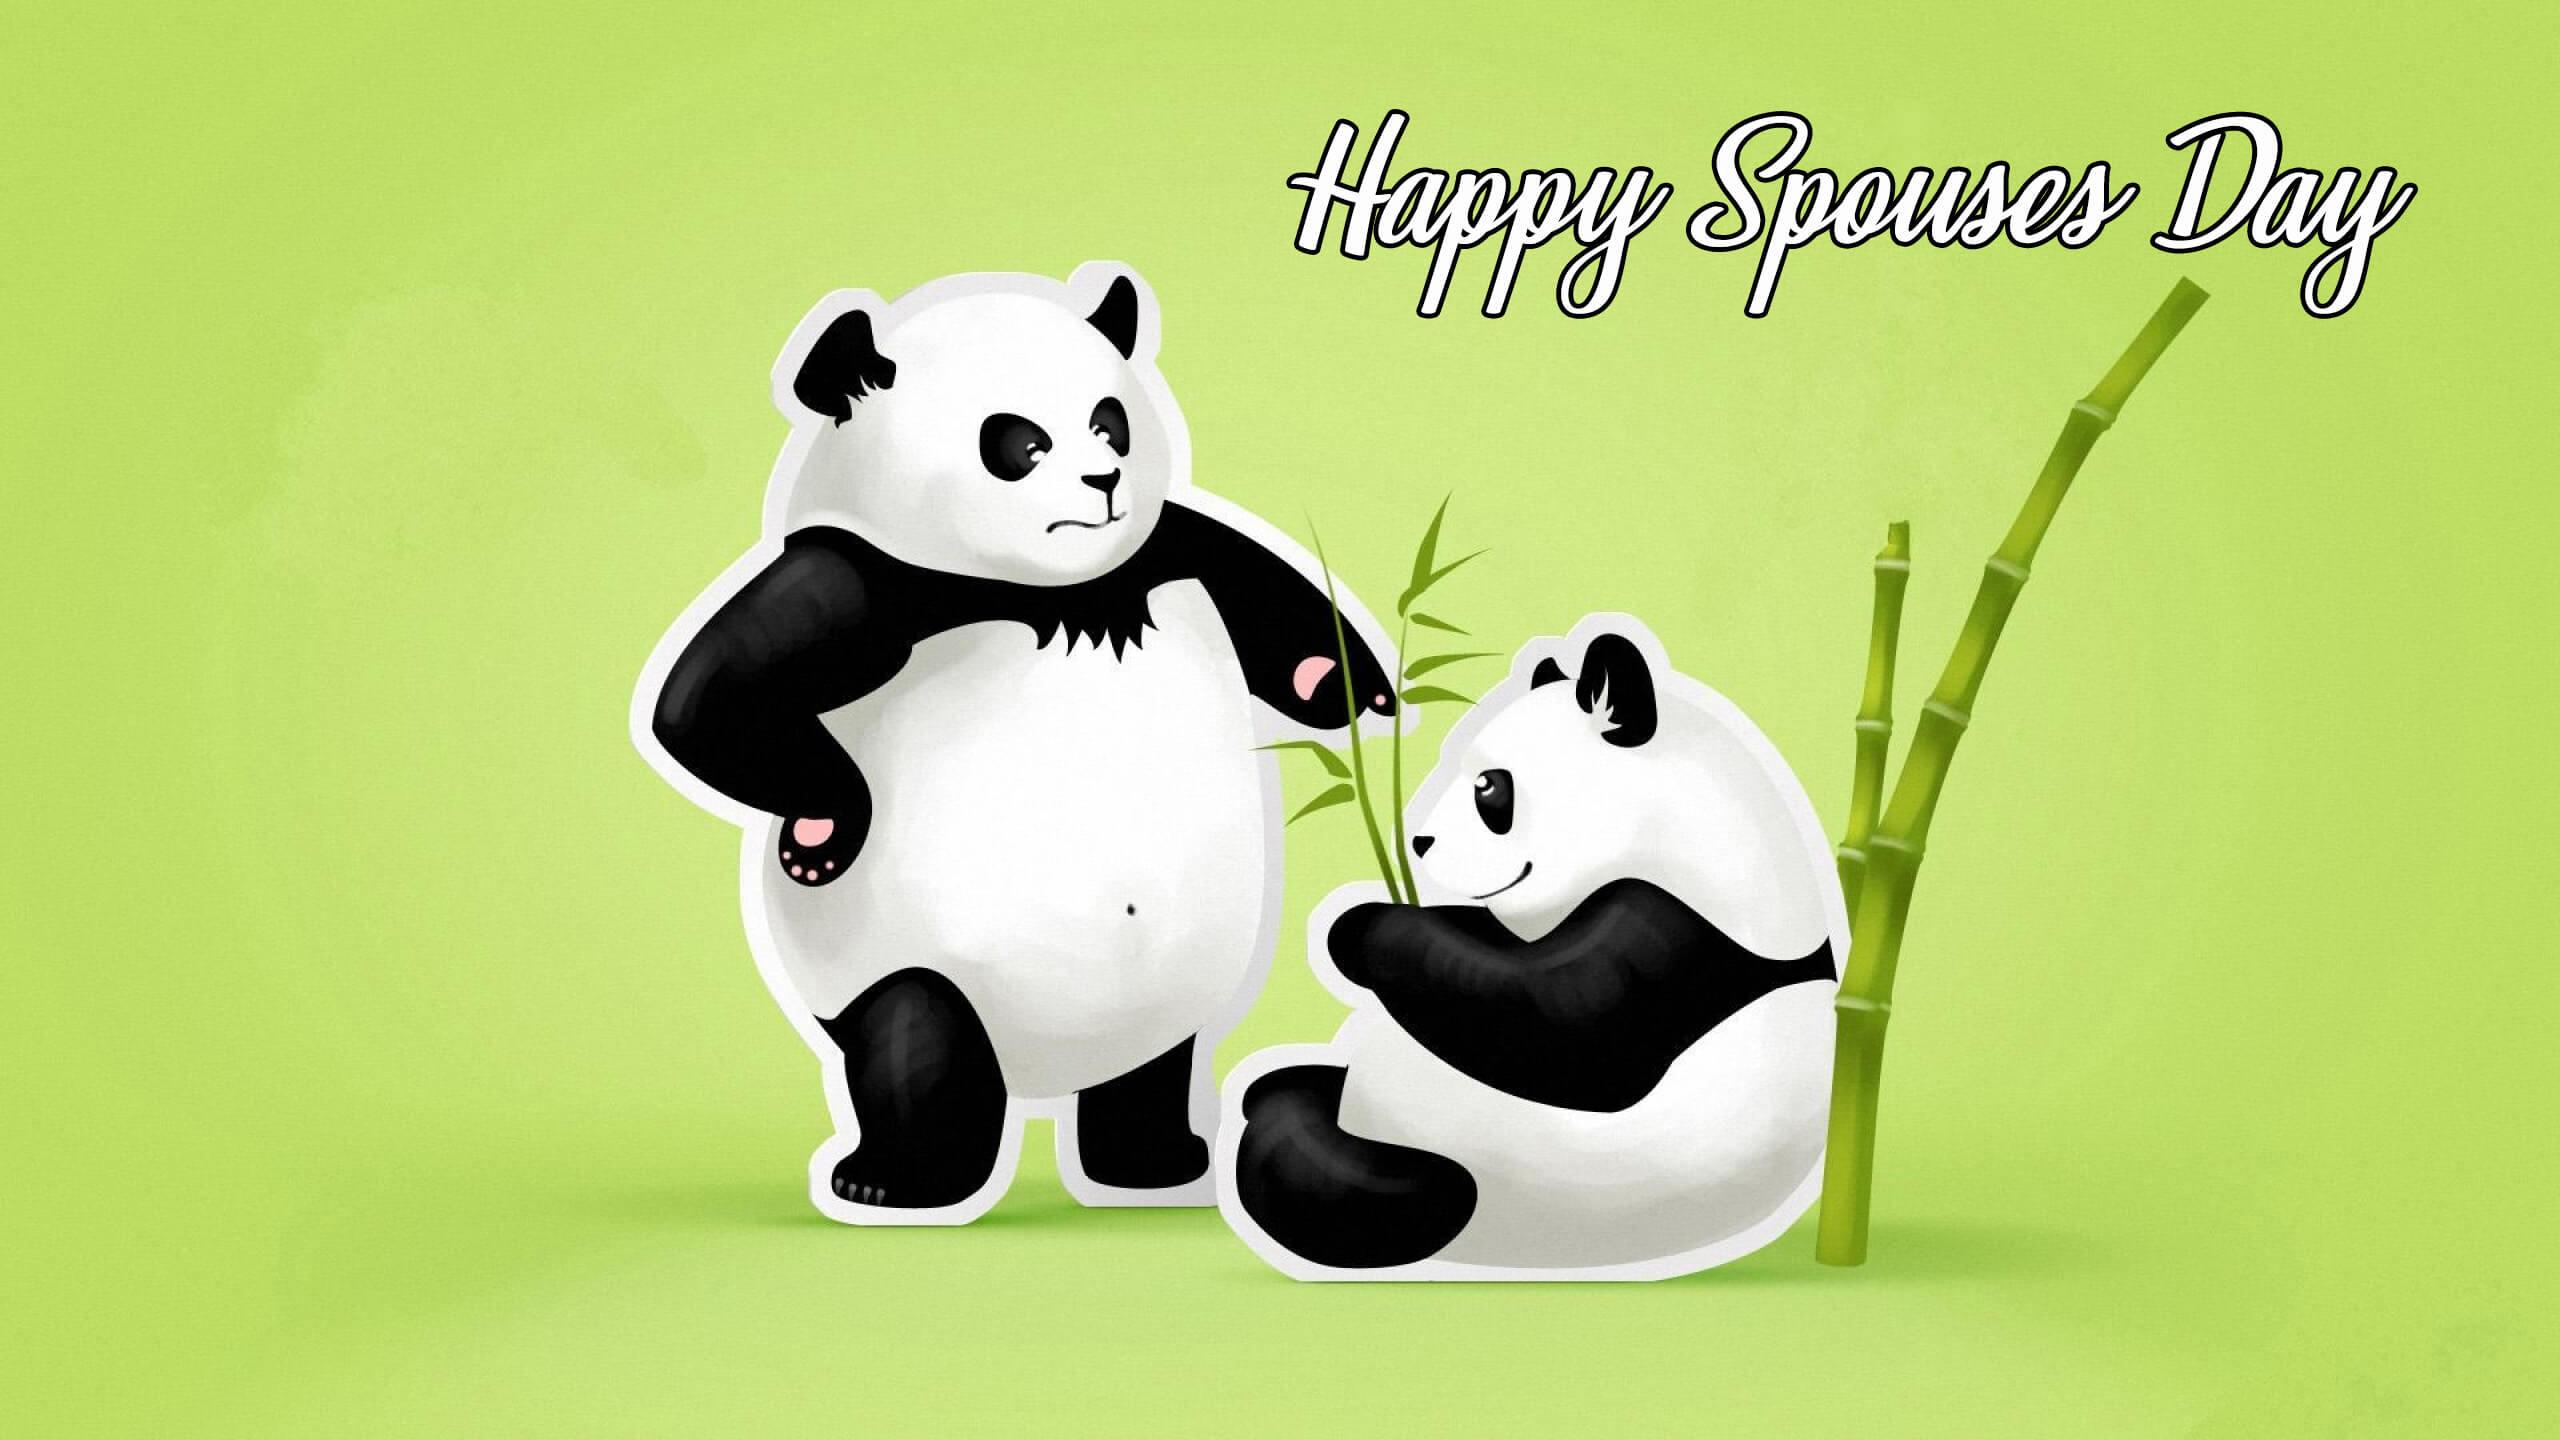 happy spouses day wishes greetings pandas desktop hd wallpaper